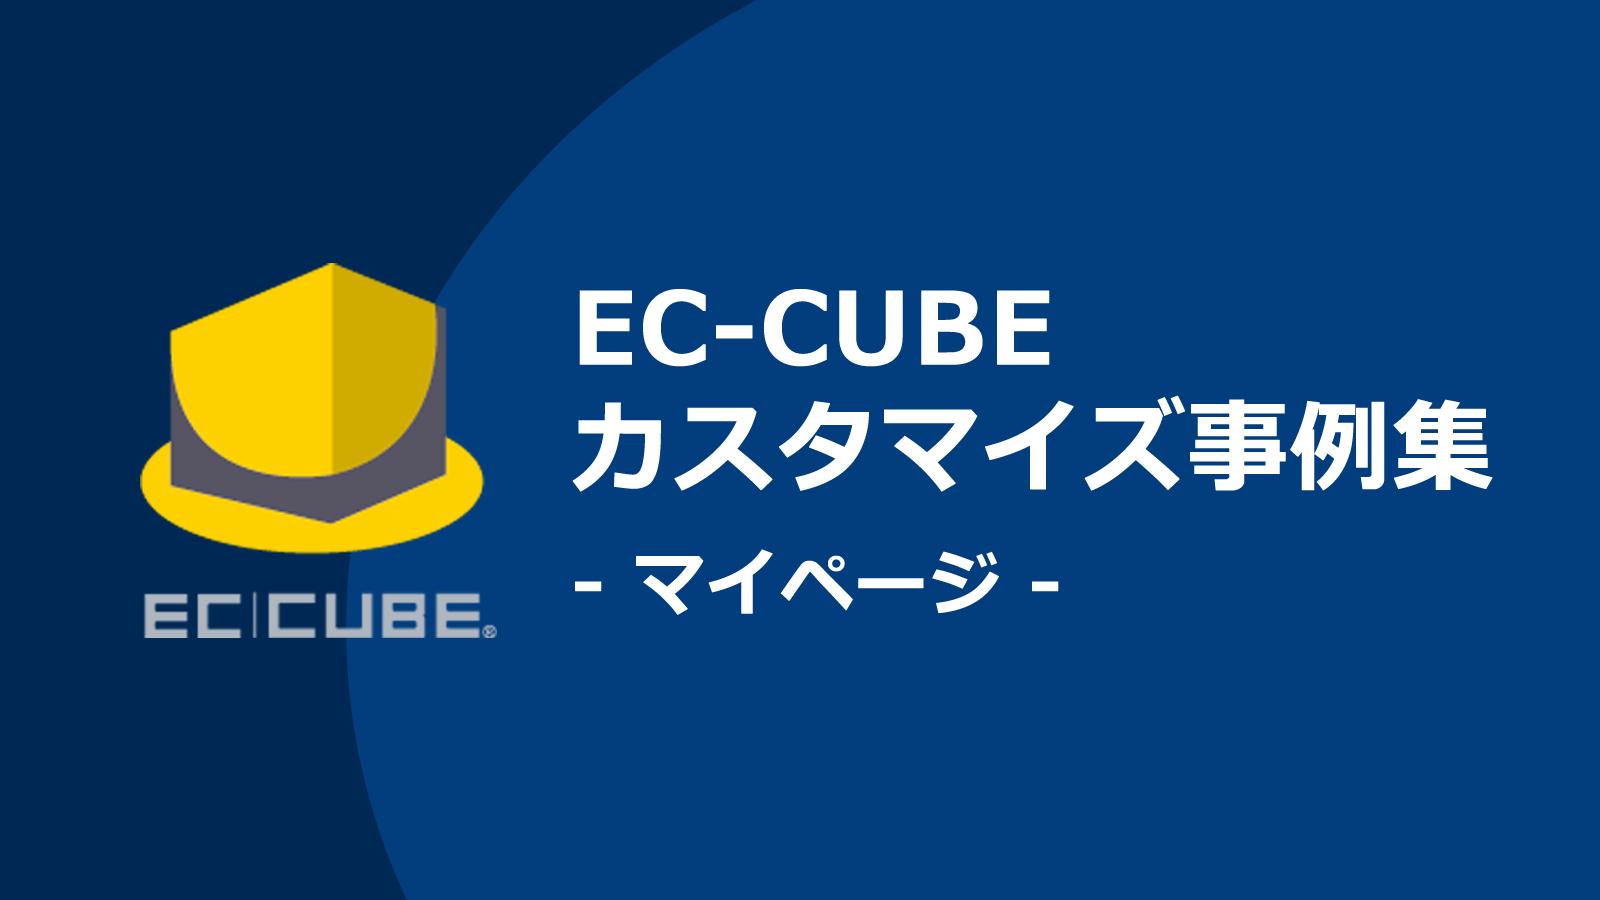 充実したマイページは顧客満足度をアップする。マイページに関するEC-CUBEカスタマイズ事例集